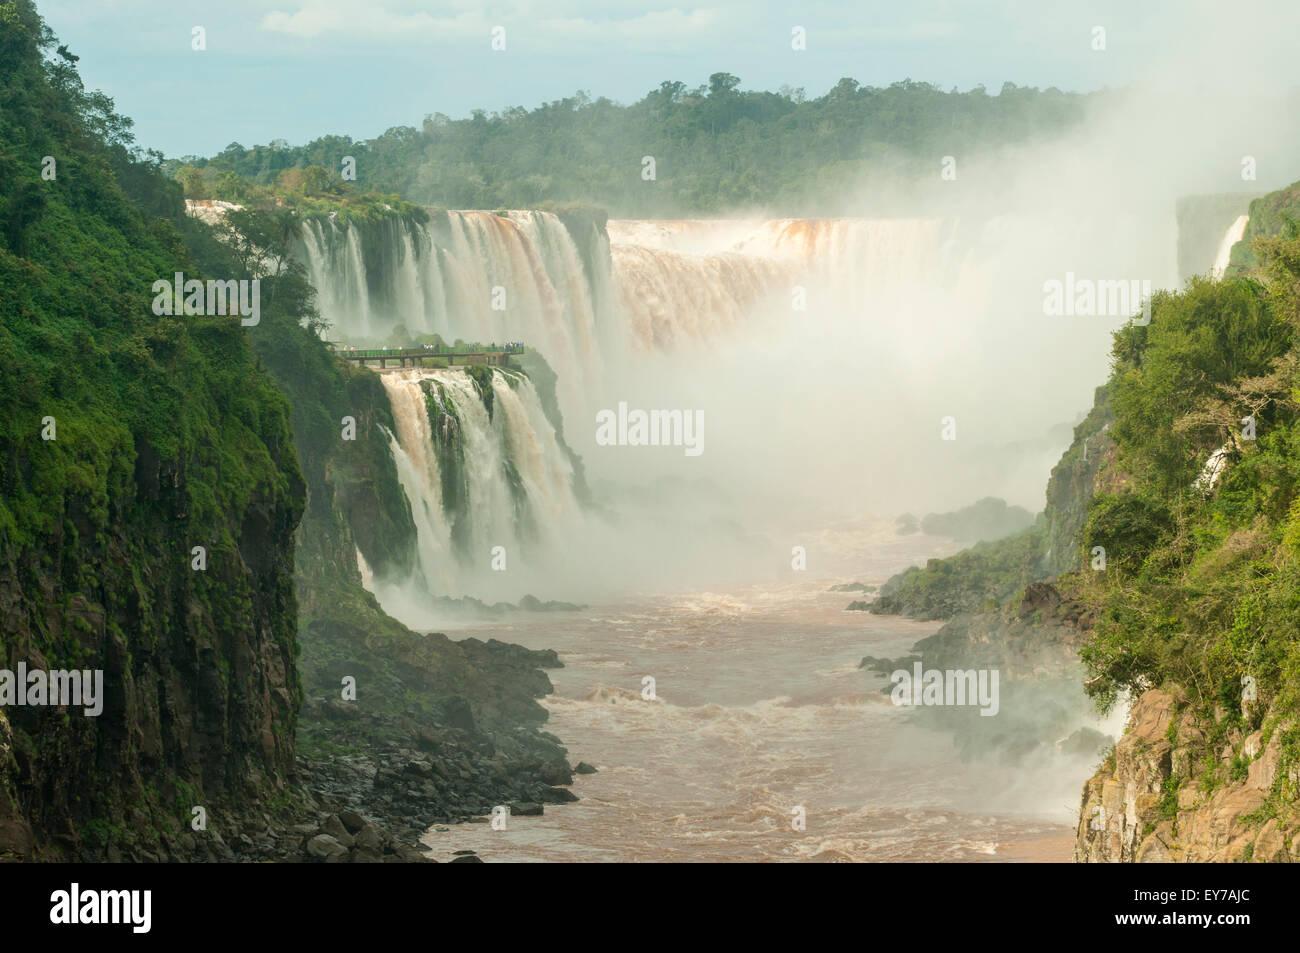 Rio Iguassu Inferior, Iguassu Falls, Argentina - Stock Image